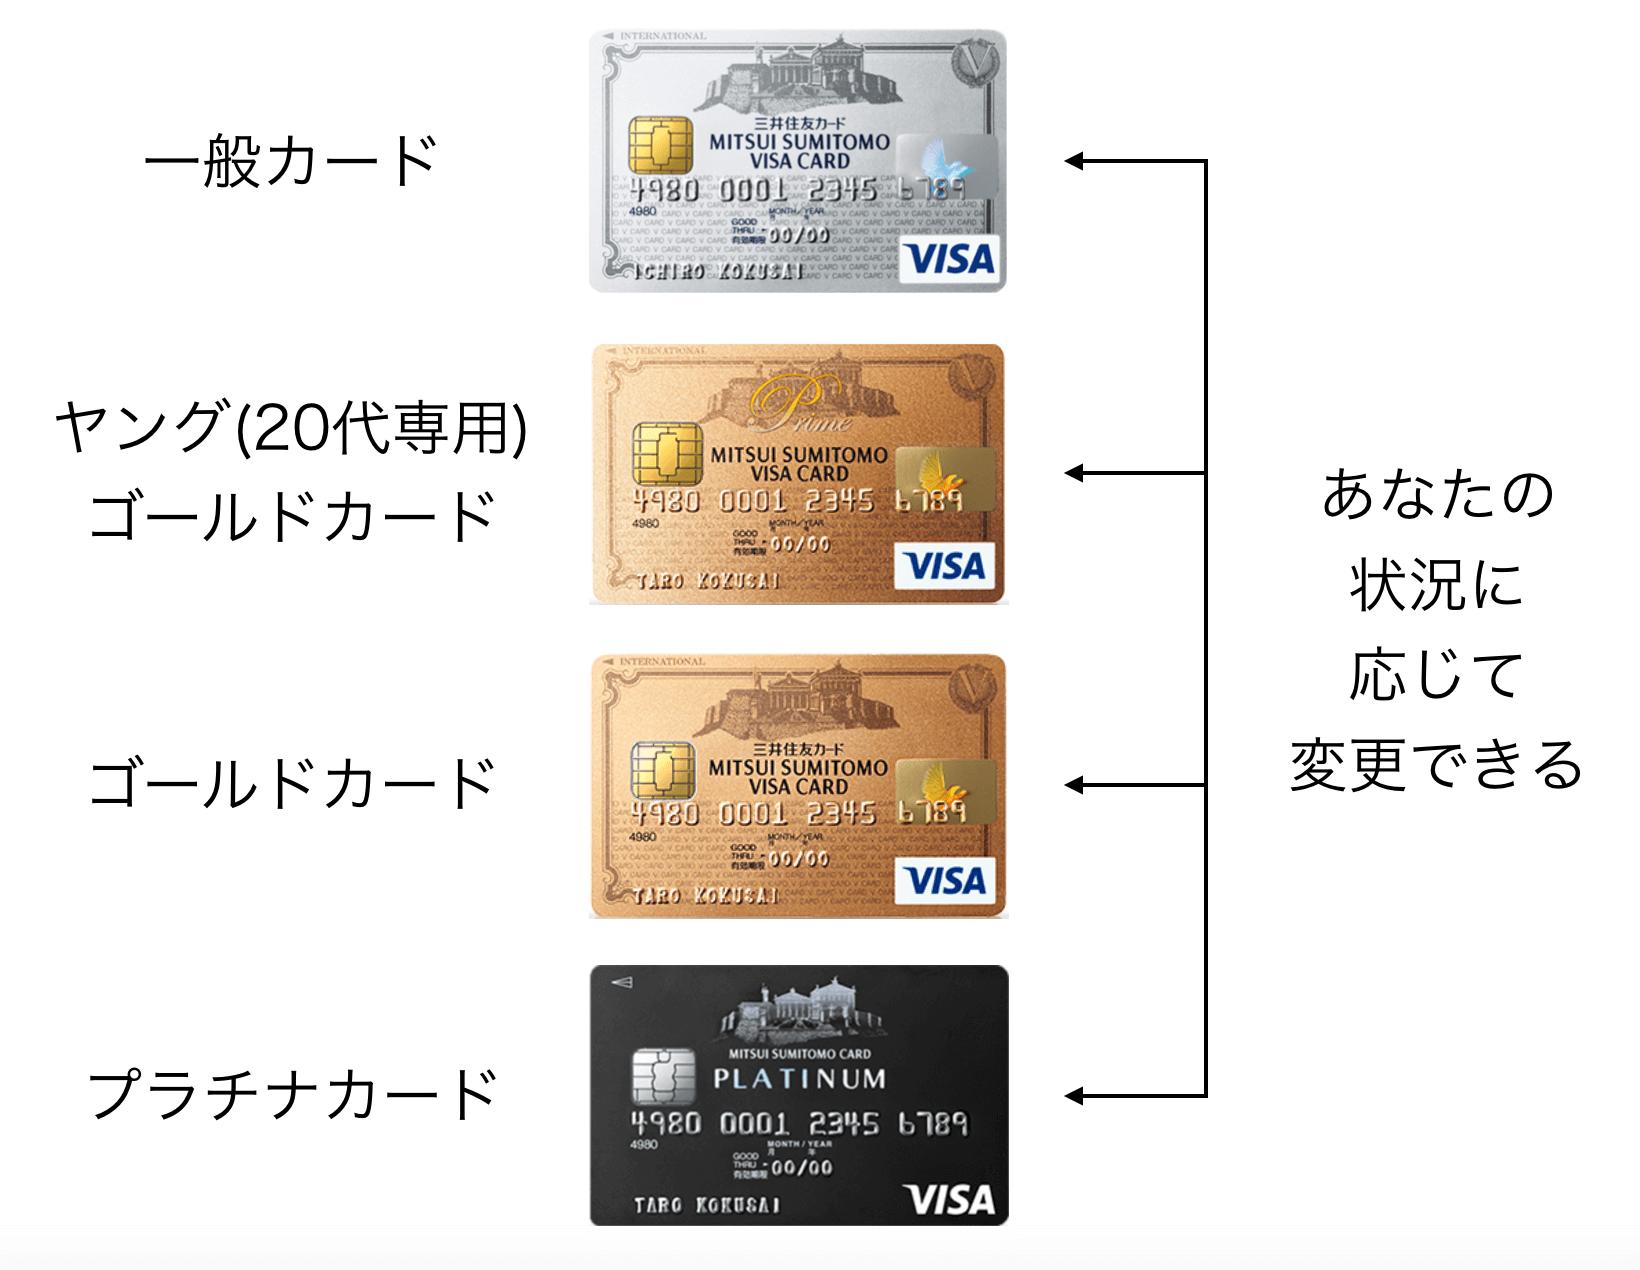 三井住友VISAクラシックカードA メリット2